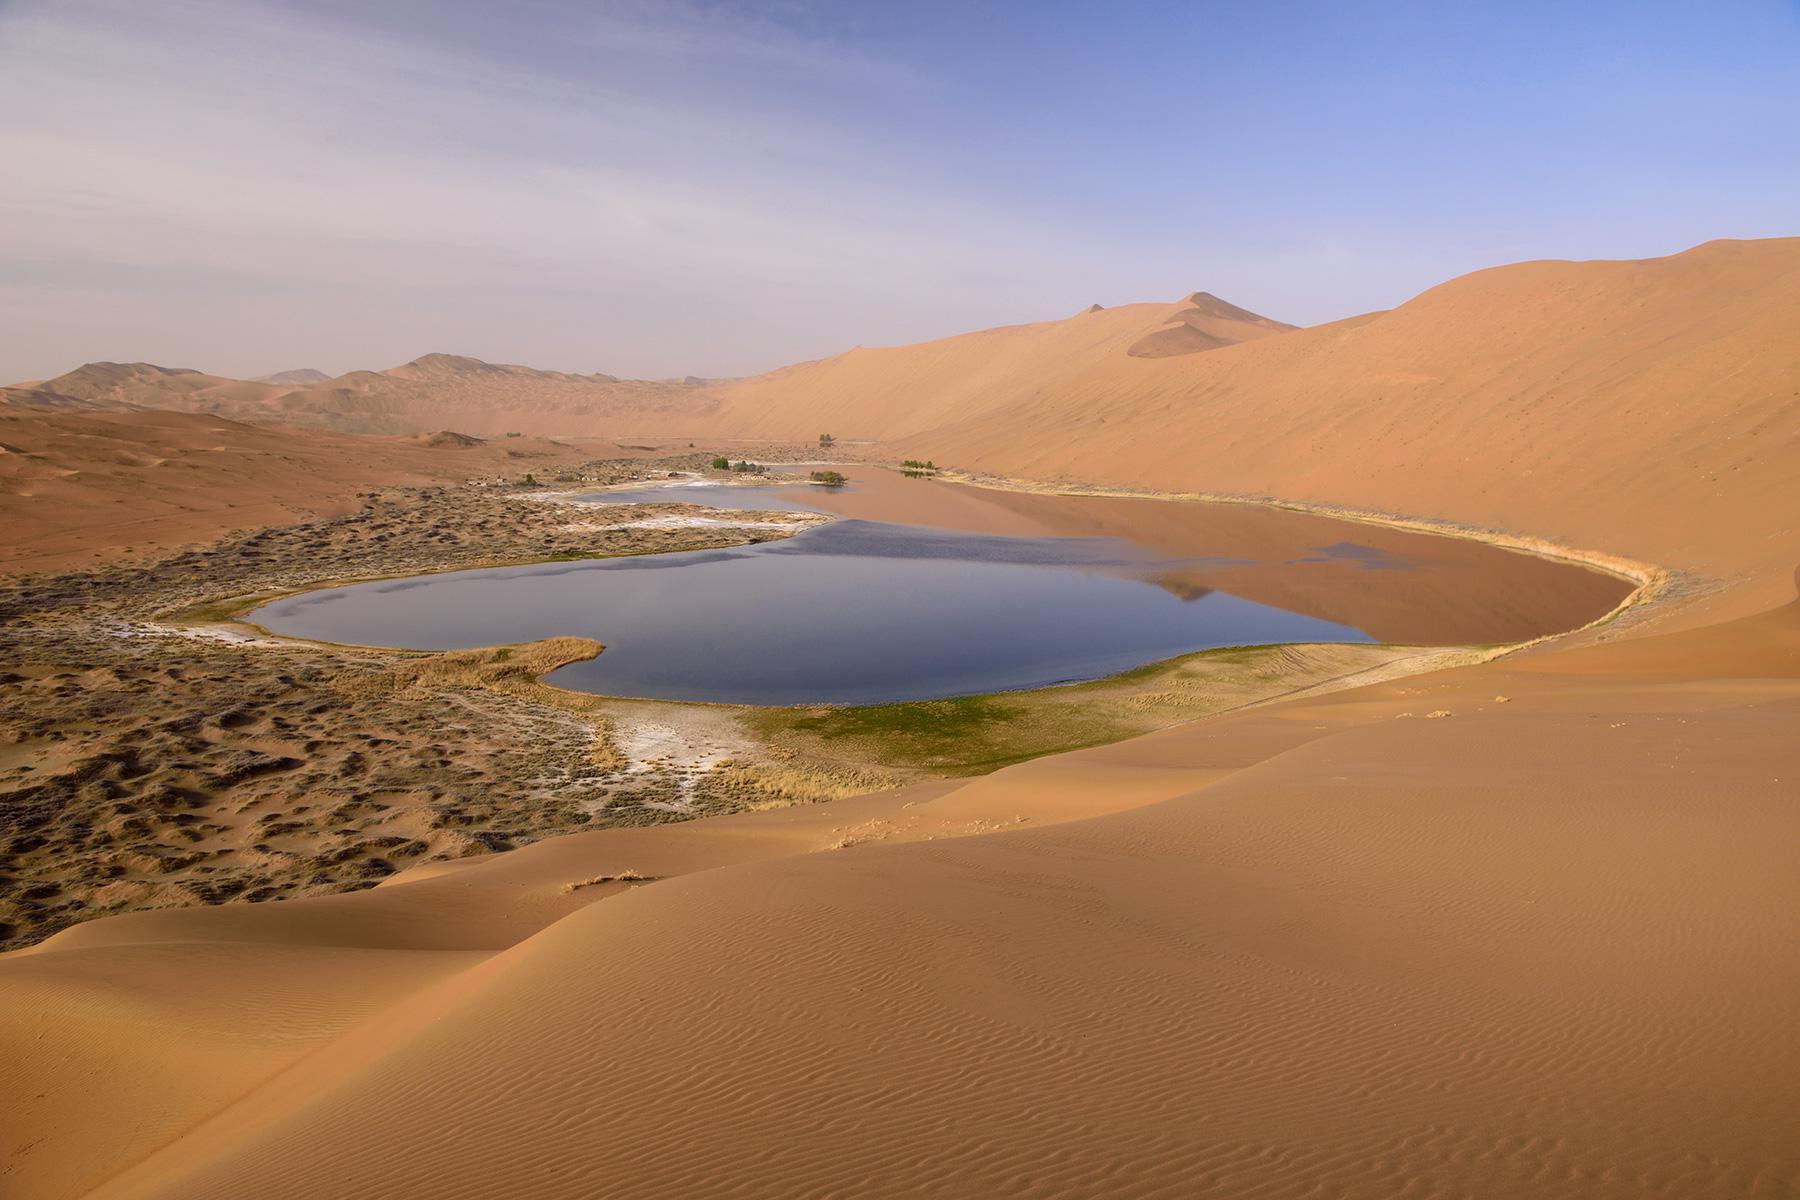 Photo Désert du Badain Jaran (Chine, Mongolie Intérieure) - Lac de Suming  Ji Ling vu de haut au lever du soleil - Philippe Crochet - Photographe de  la spéléologie et du monde minéral